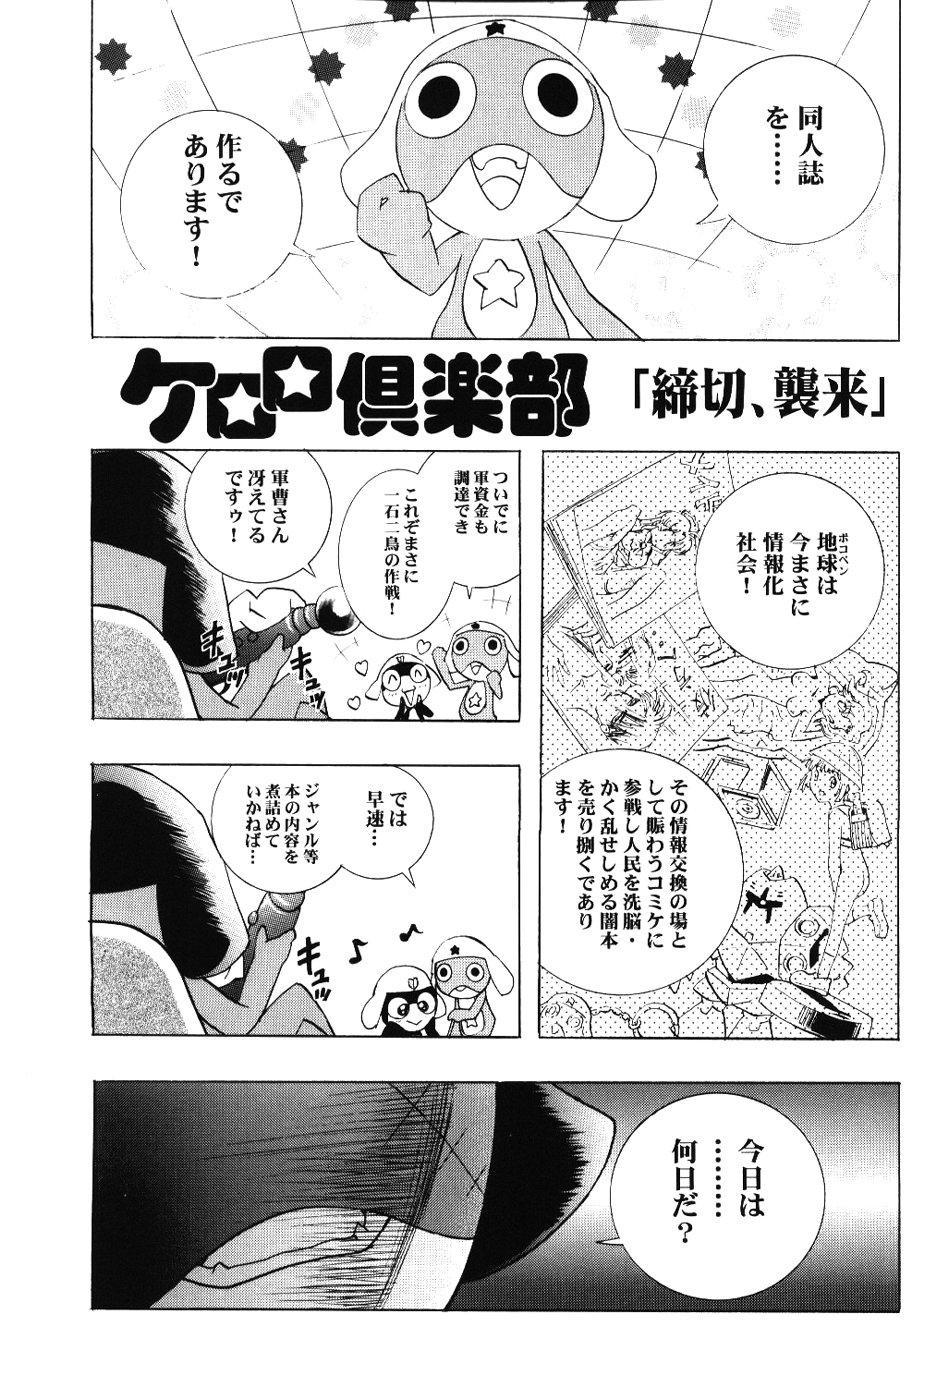 Ayanami Club 3 19